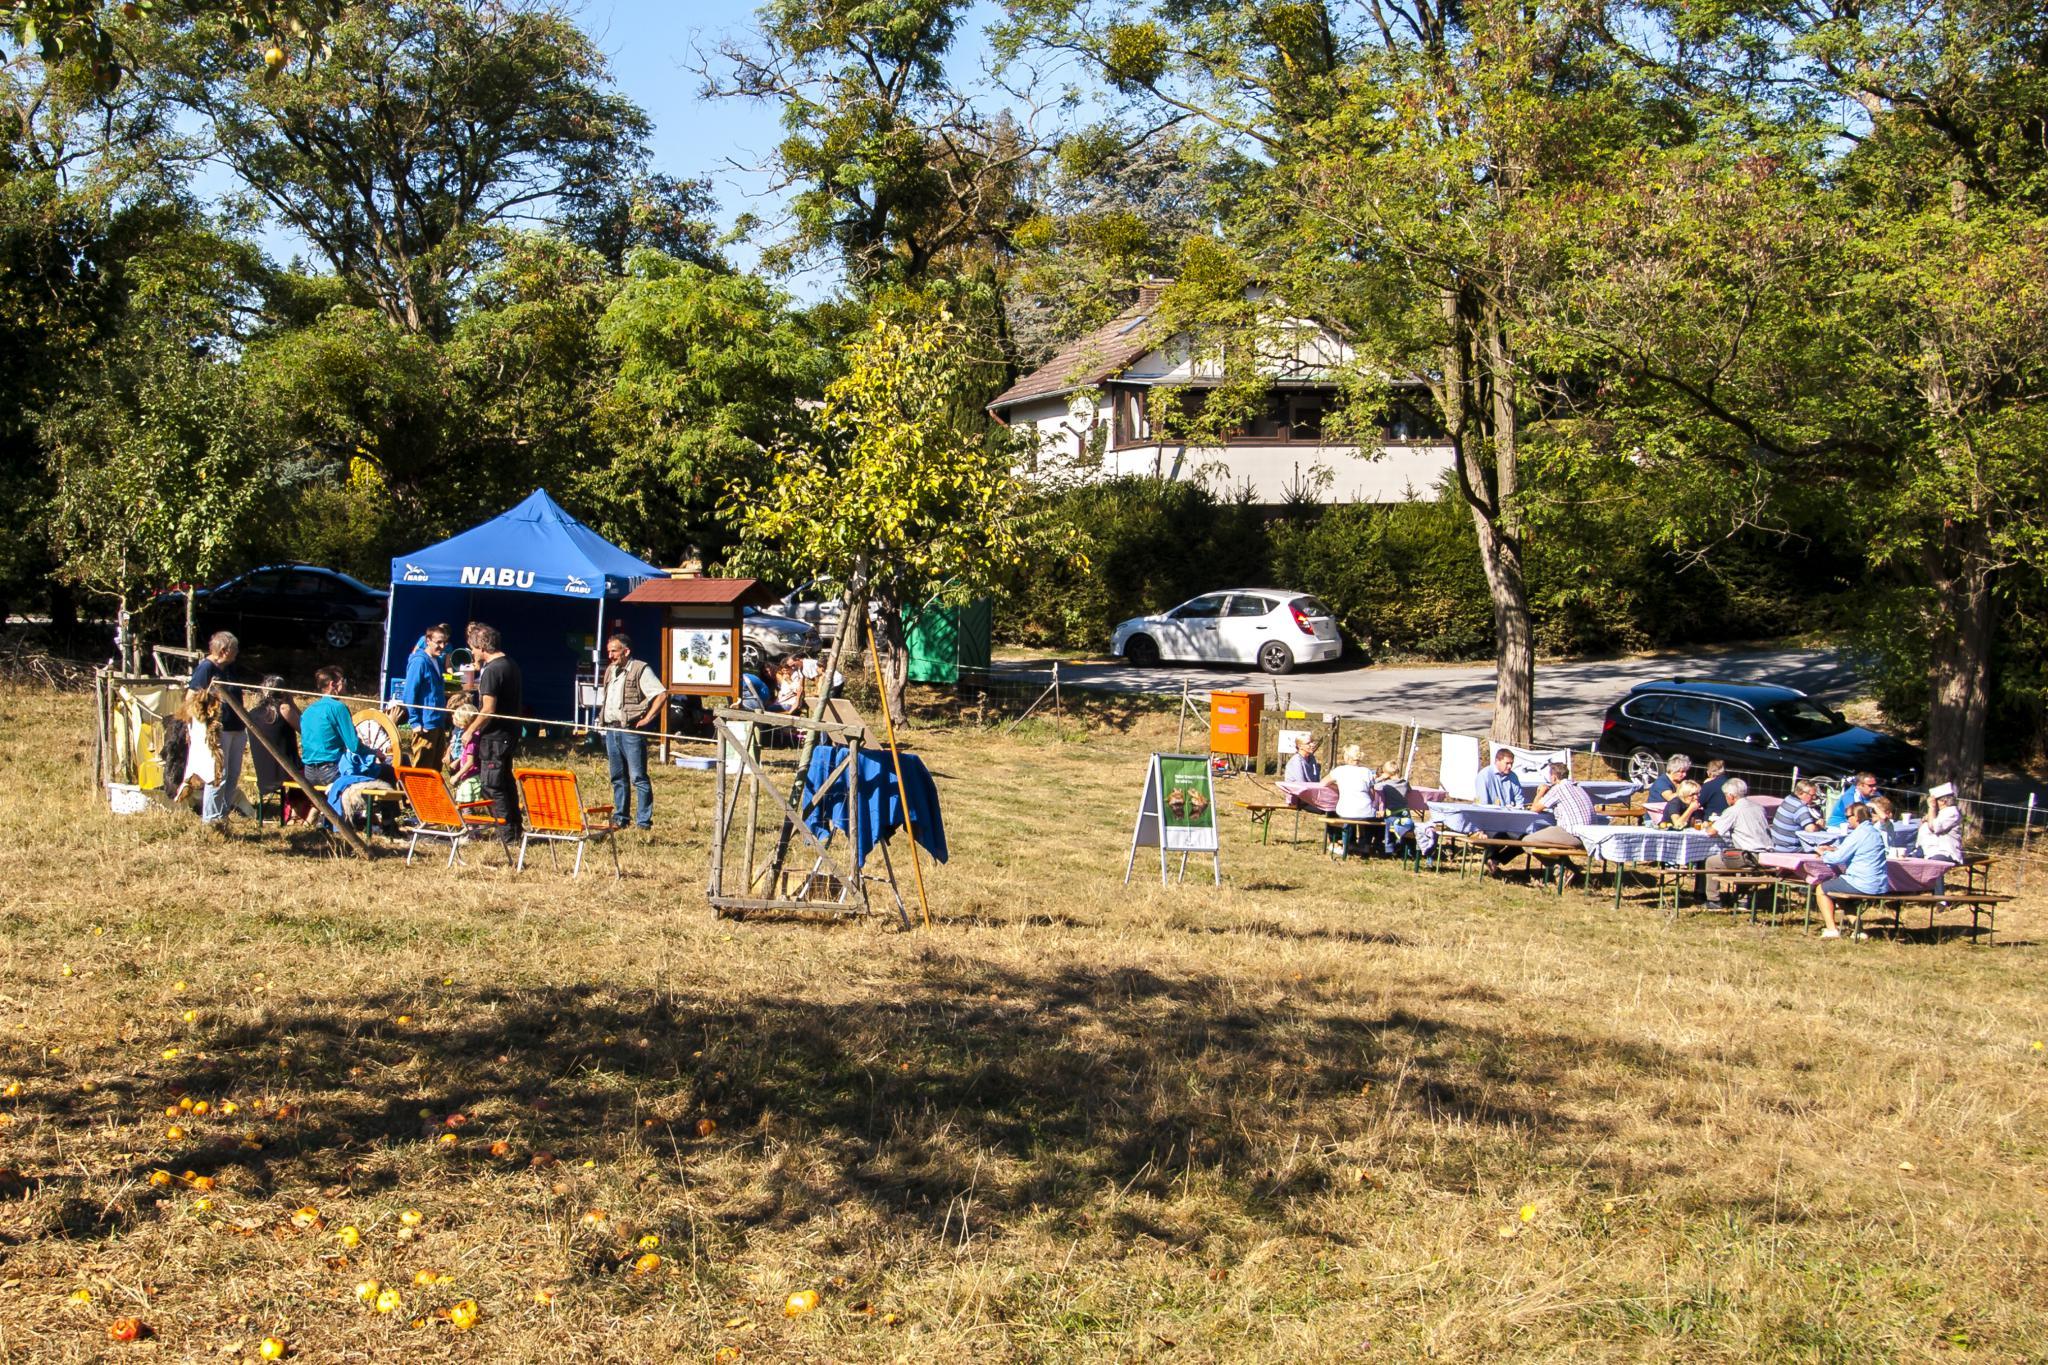 Zahlreiche Besucher kamen zum Apfelfest. - Foto: Kathy Büscher